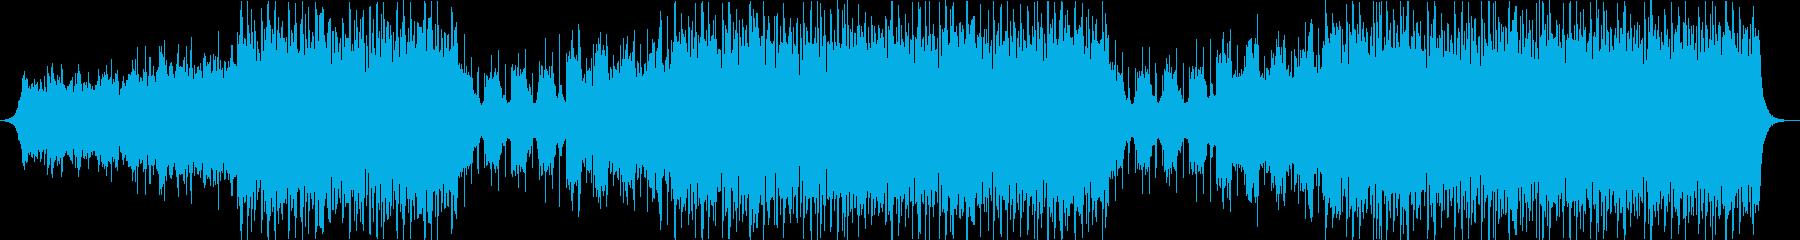 映像・企業VP 感動的EDMオーケストラの再生済みの波形